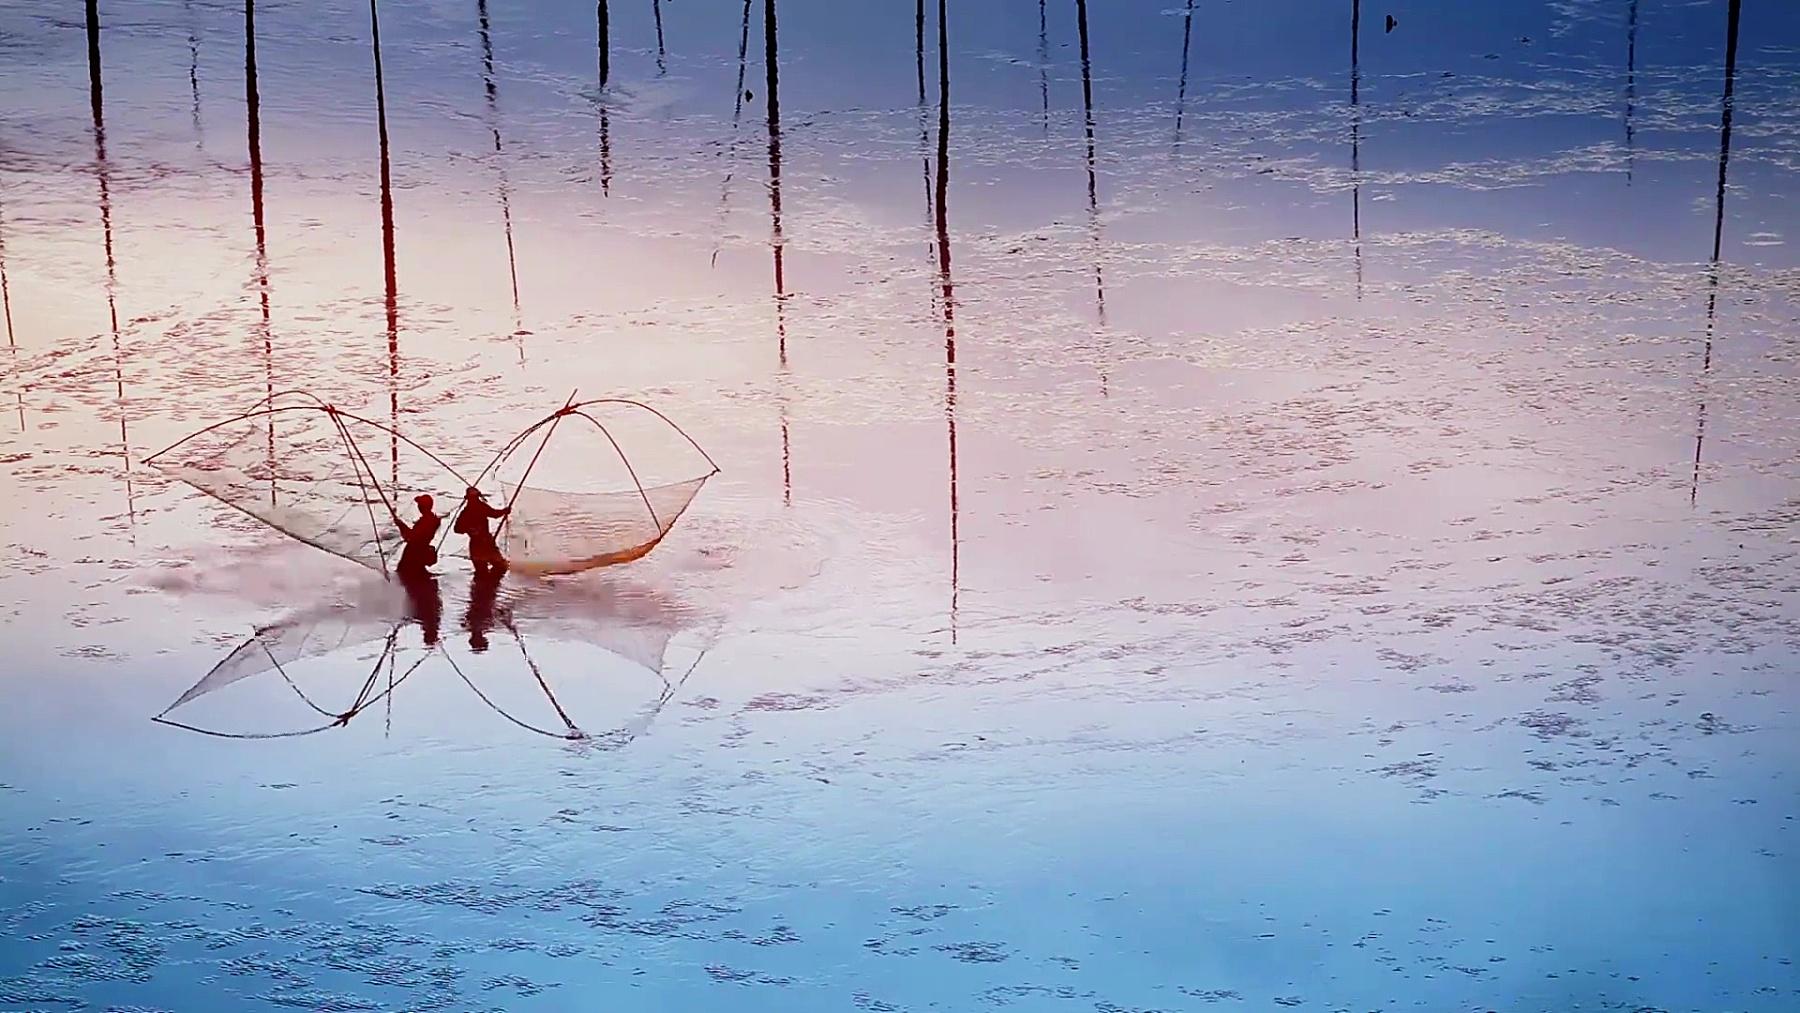 中国福建省霞浦,在泥滩上工作的渔民。